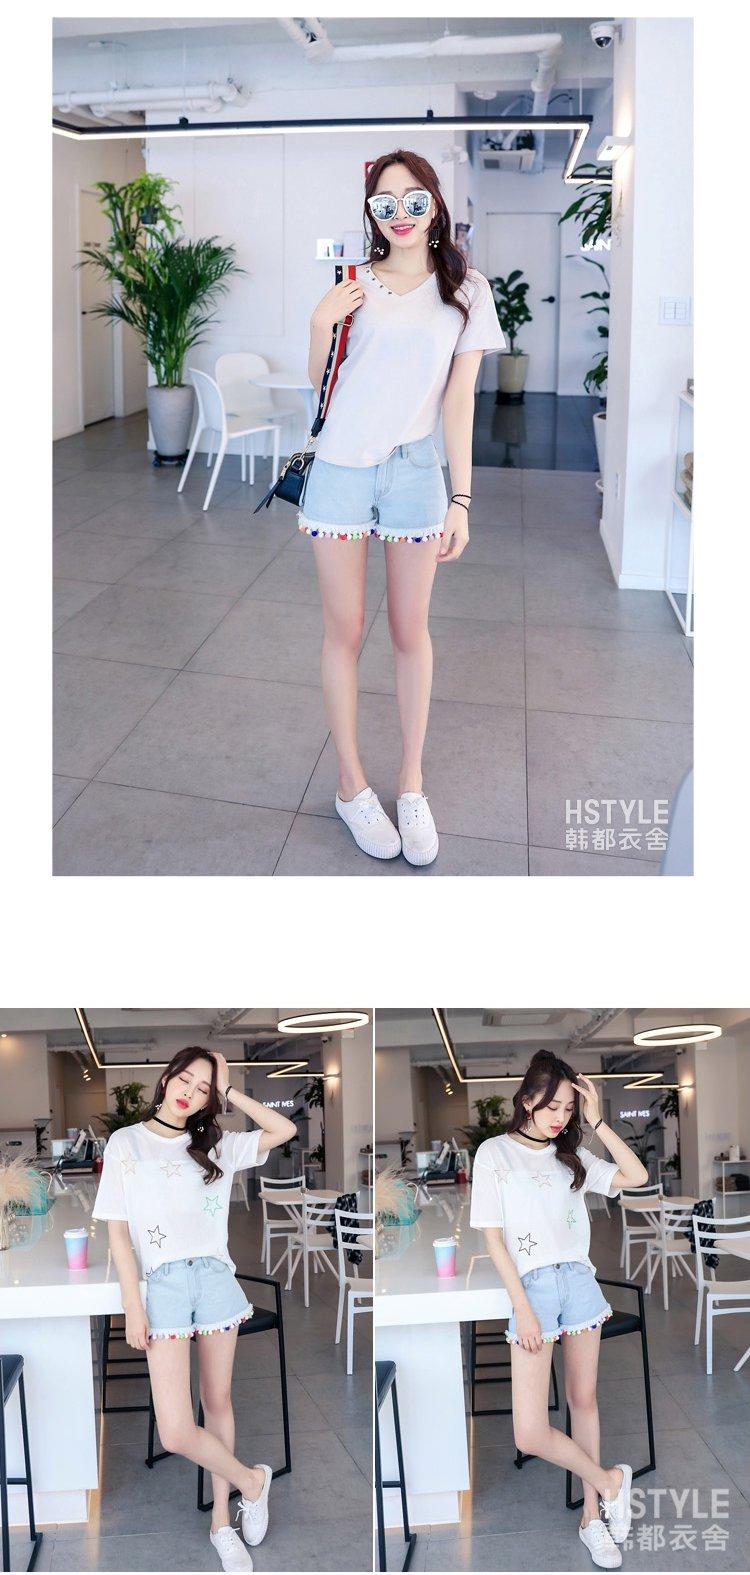 甜美萌妹子清新中腰牛仔短裤蓝色